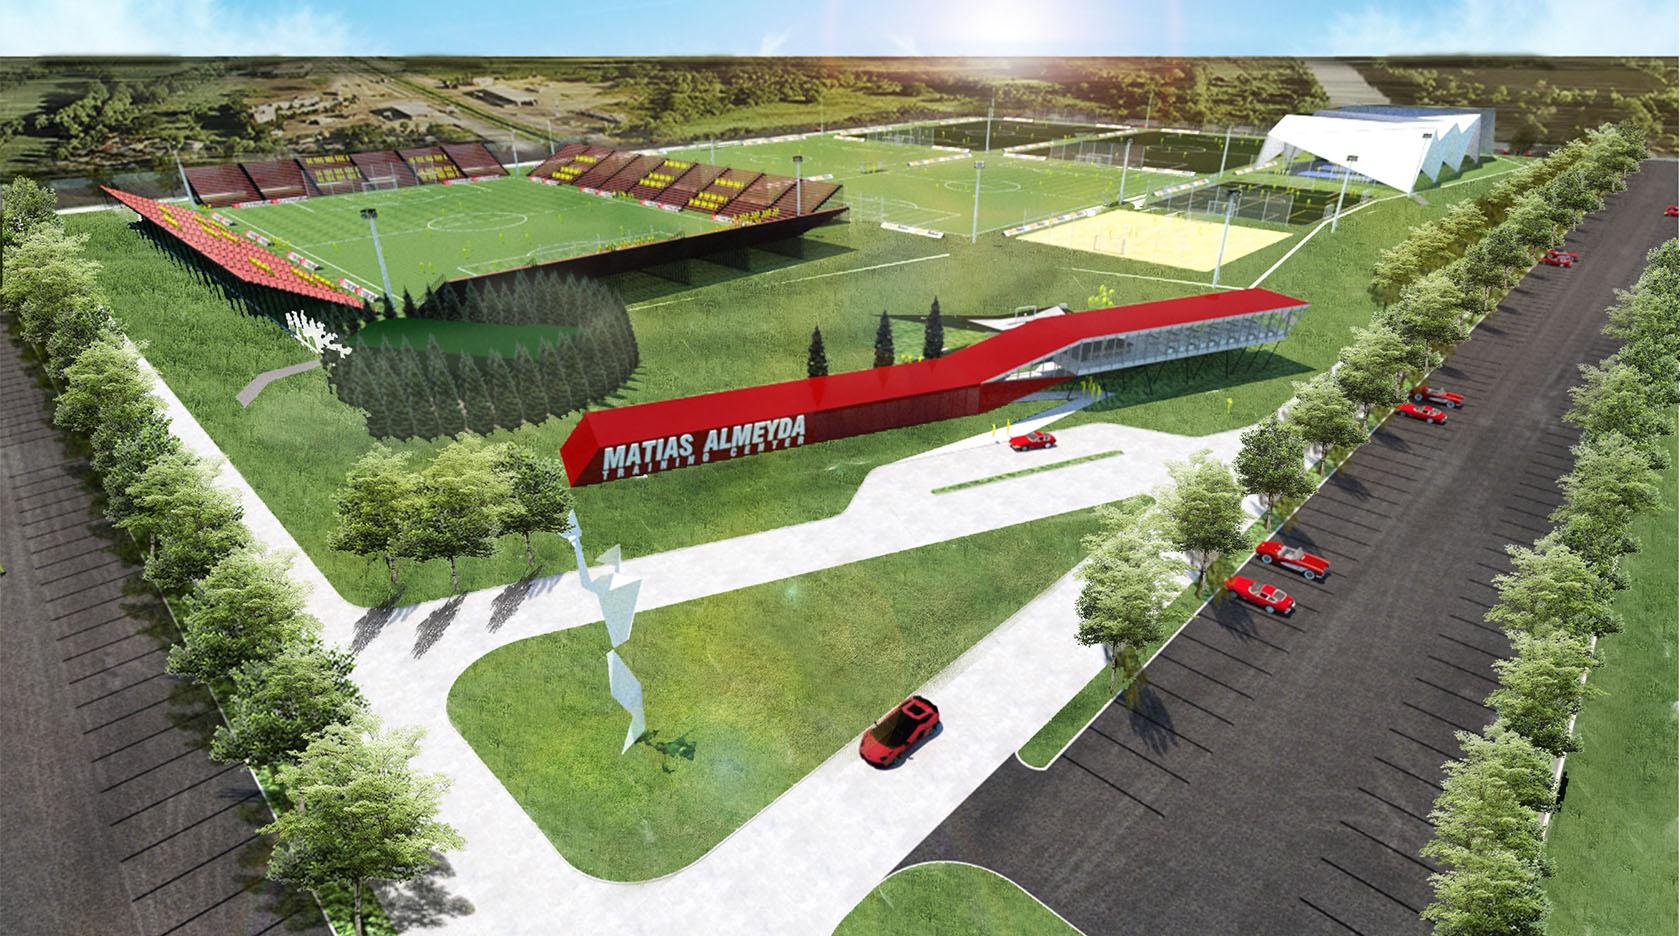 Arquitectura deportiva, diseño moderno complejos deportivos